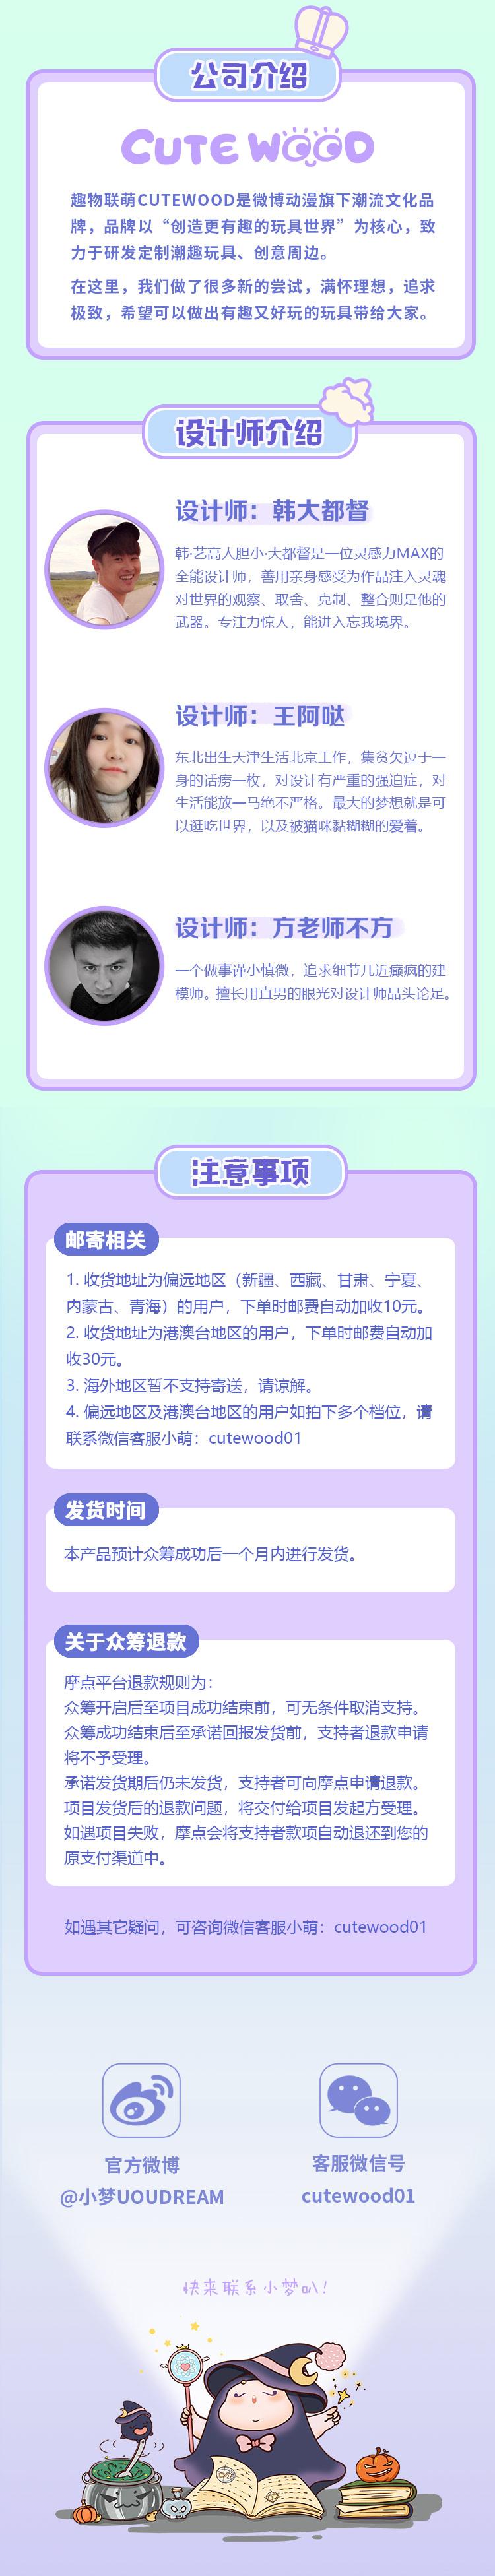 众筹最终版-白色渐变_08.jpg